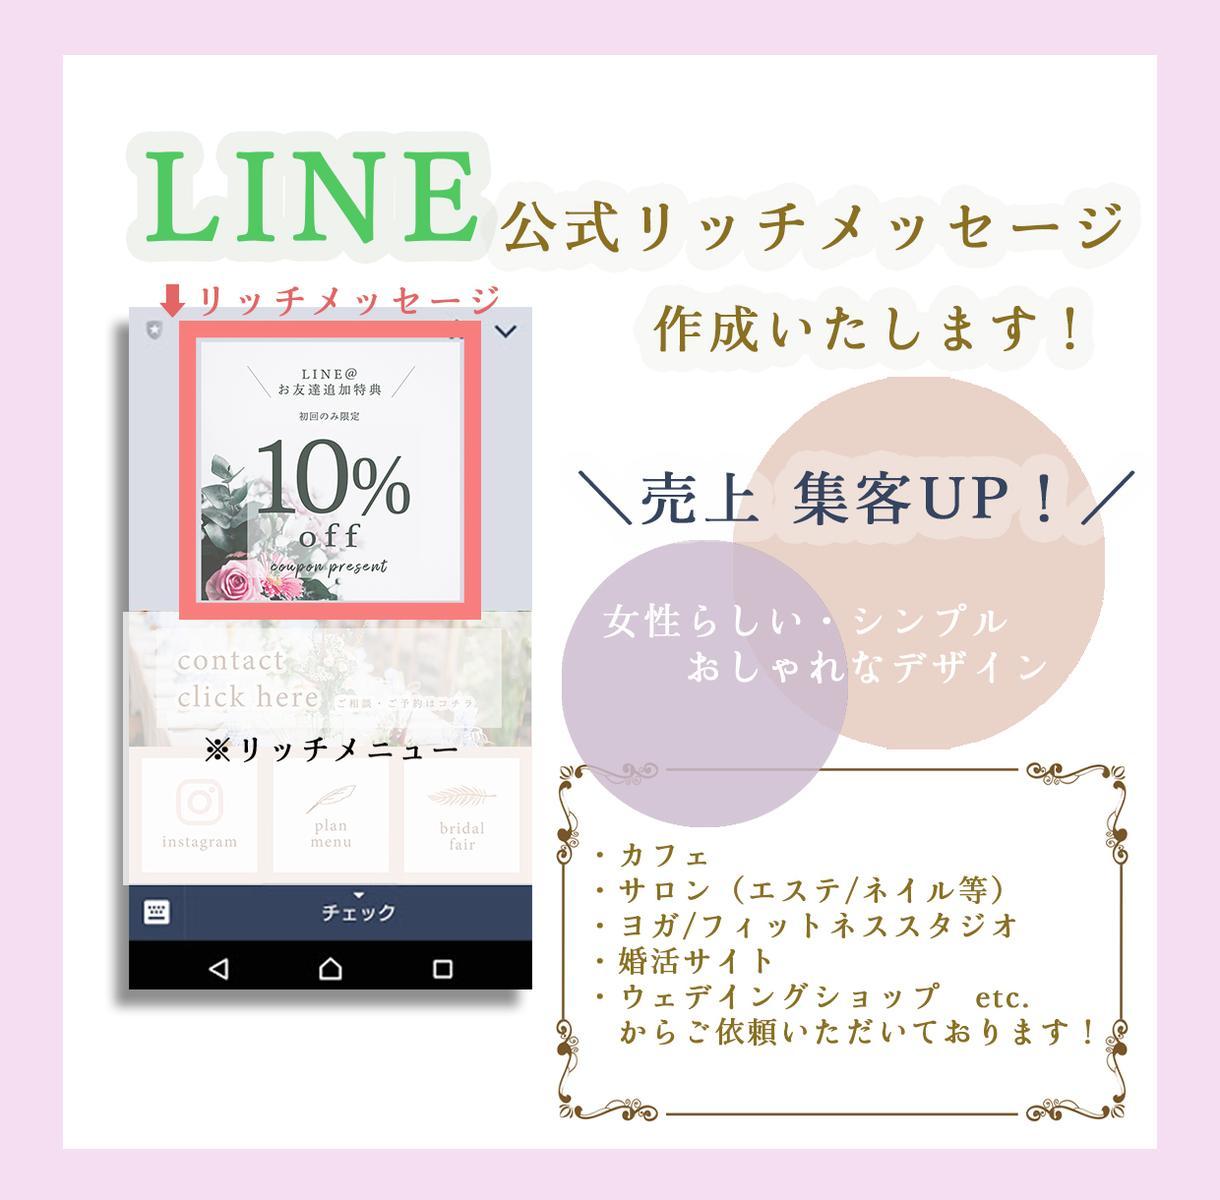 クリックしたくなるLINEメッセージ作成します ※LINE公式アカウントの配信時にご利用にご活用ください! イメージ1